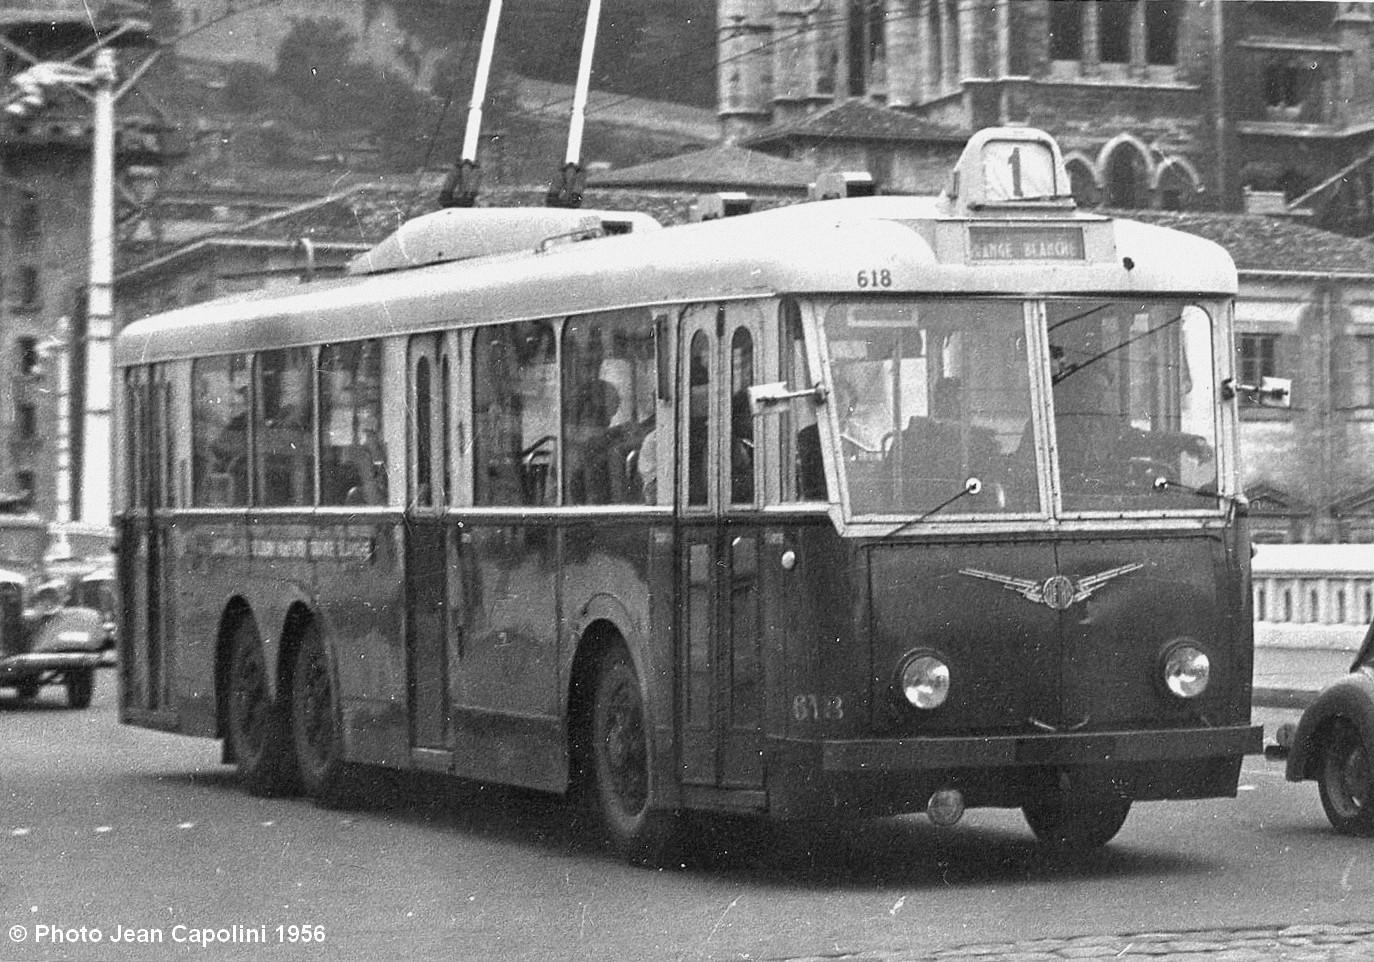 Vůz typu VA3 ev. č. 618 byl v srpnu 1956 zachycen na lince č. 1 na lyonském mostě Bonaparte. (foto: Jean Capolini)